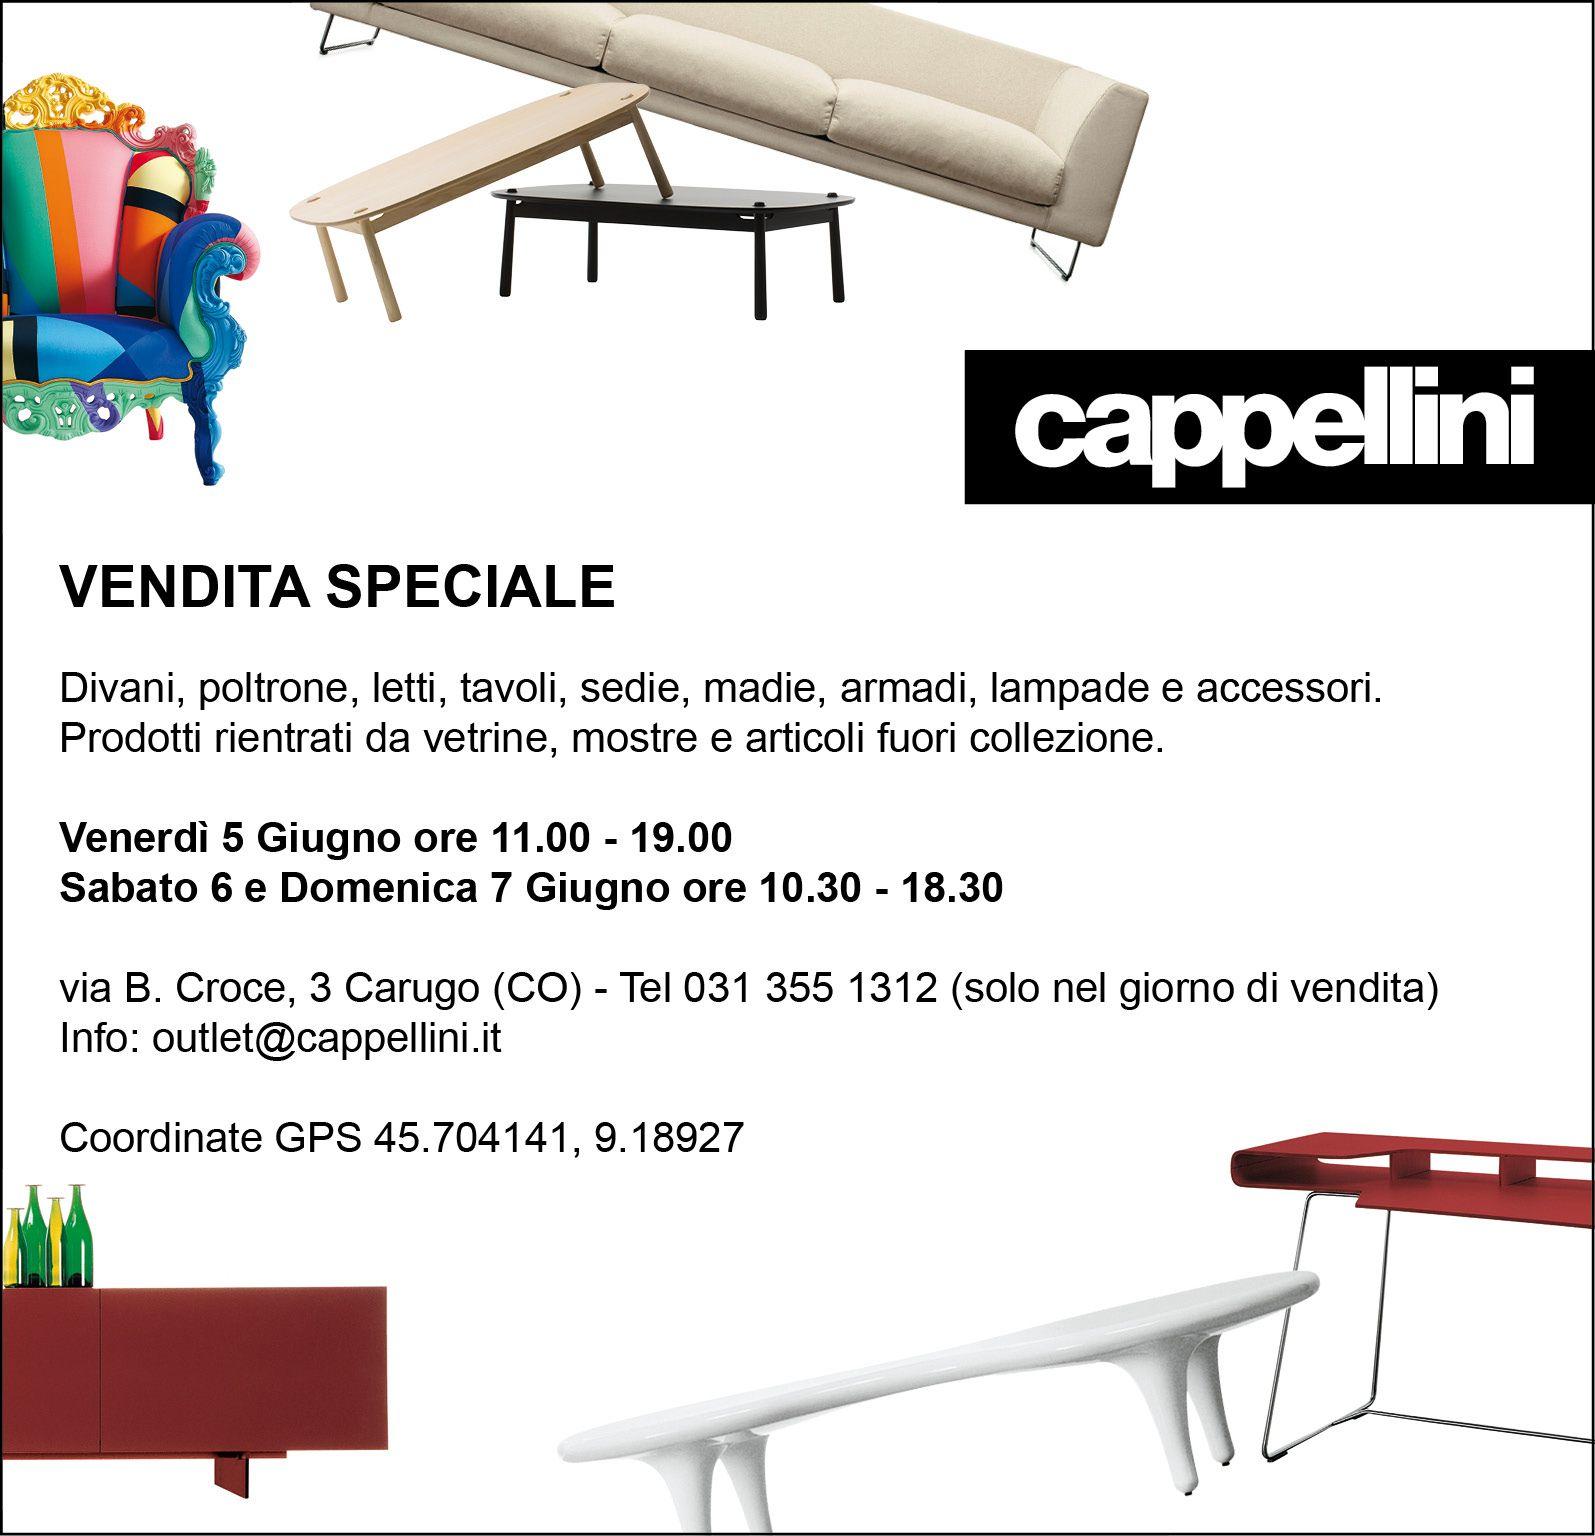 Vendita Speciale - Cappellini- Carugo | Vendita speciale Outlet ...